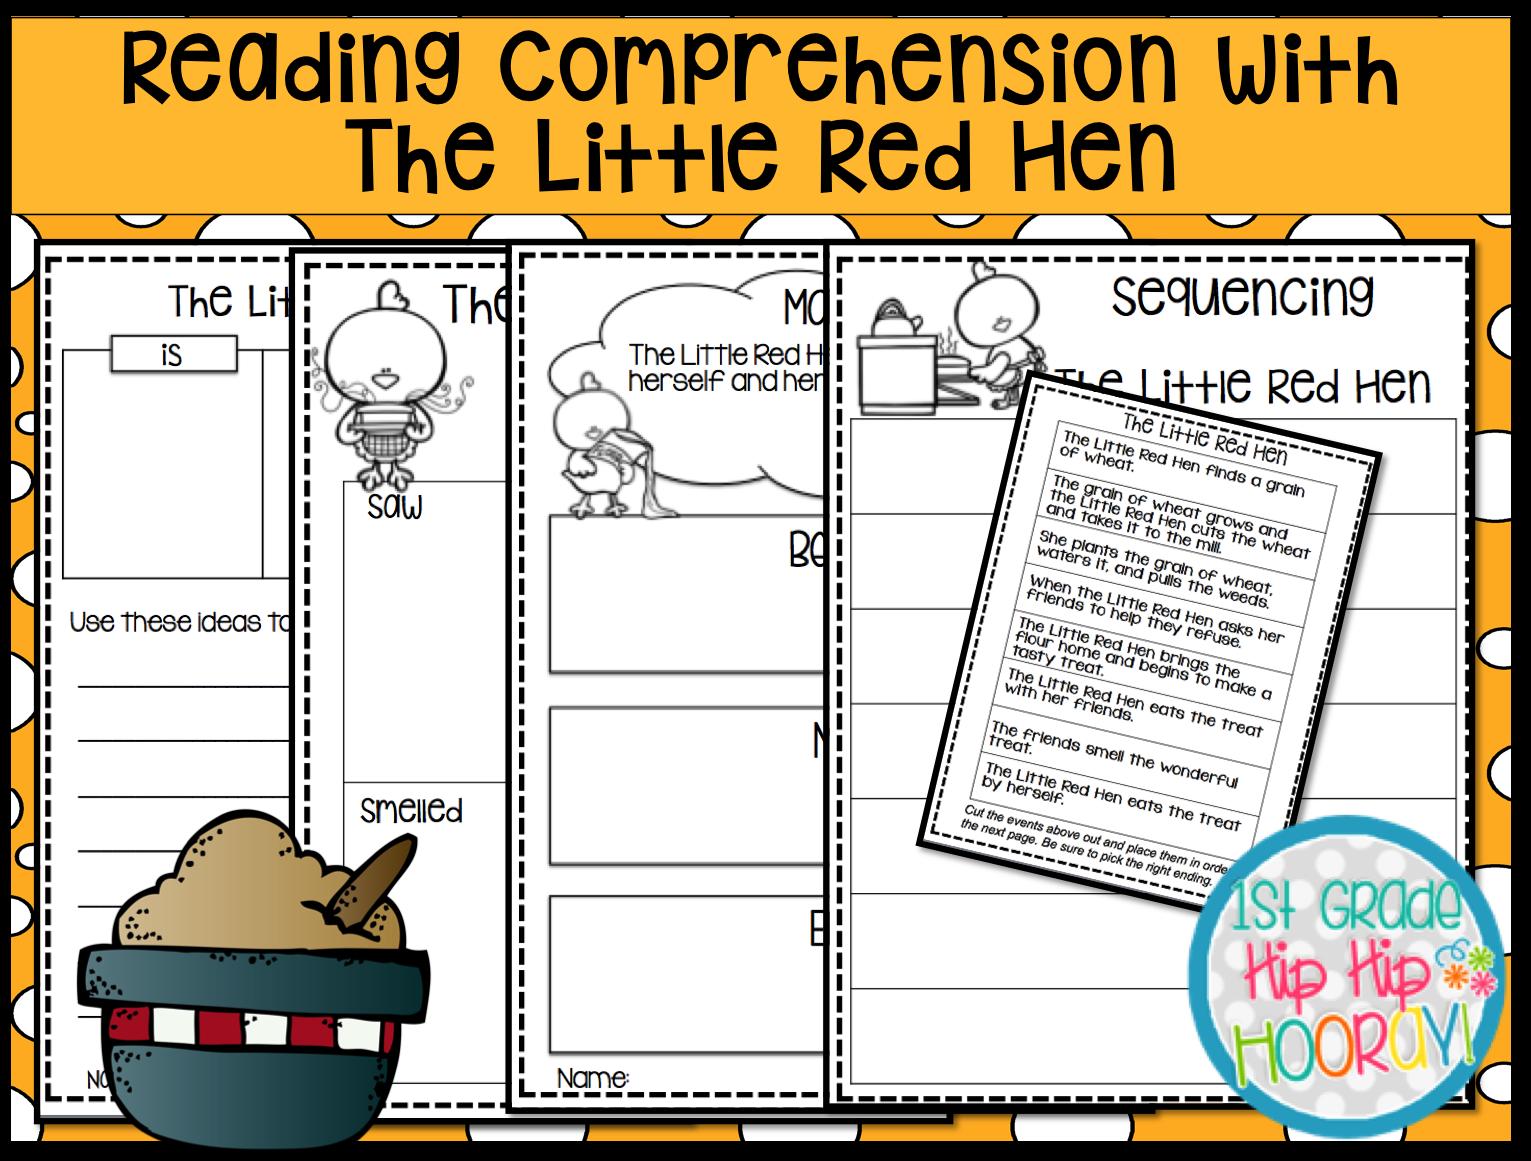 1st Grade Hip Hip Hooray Building Comprehension